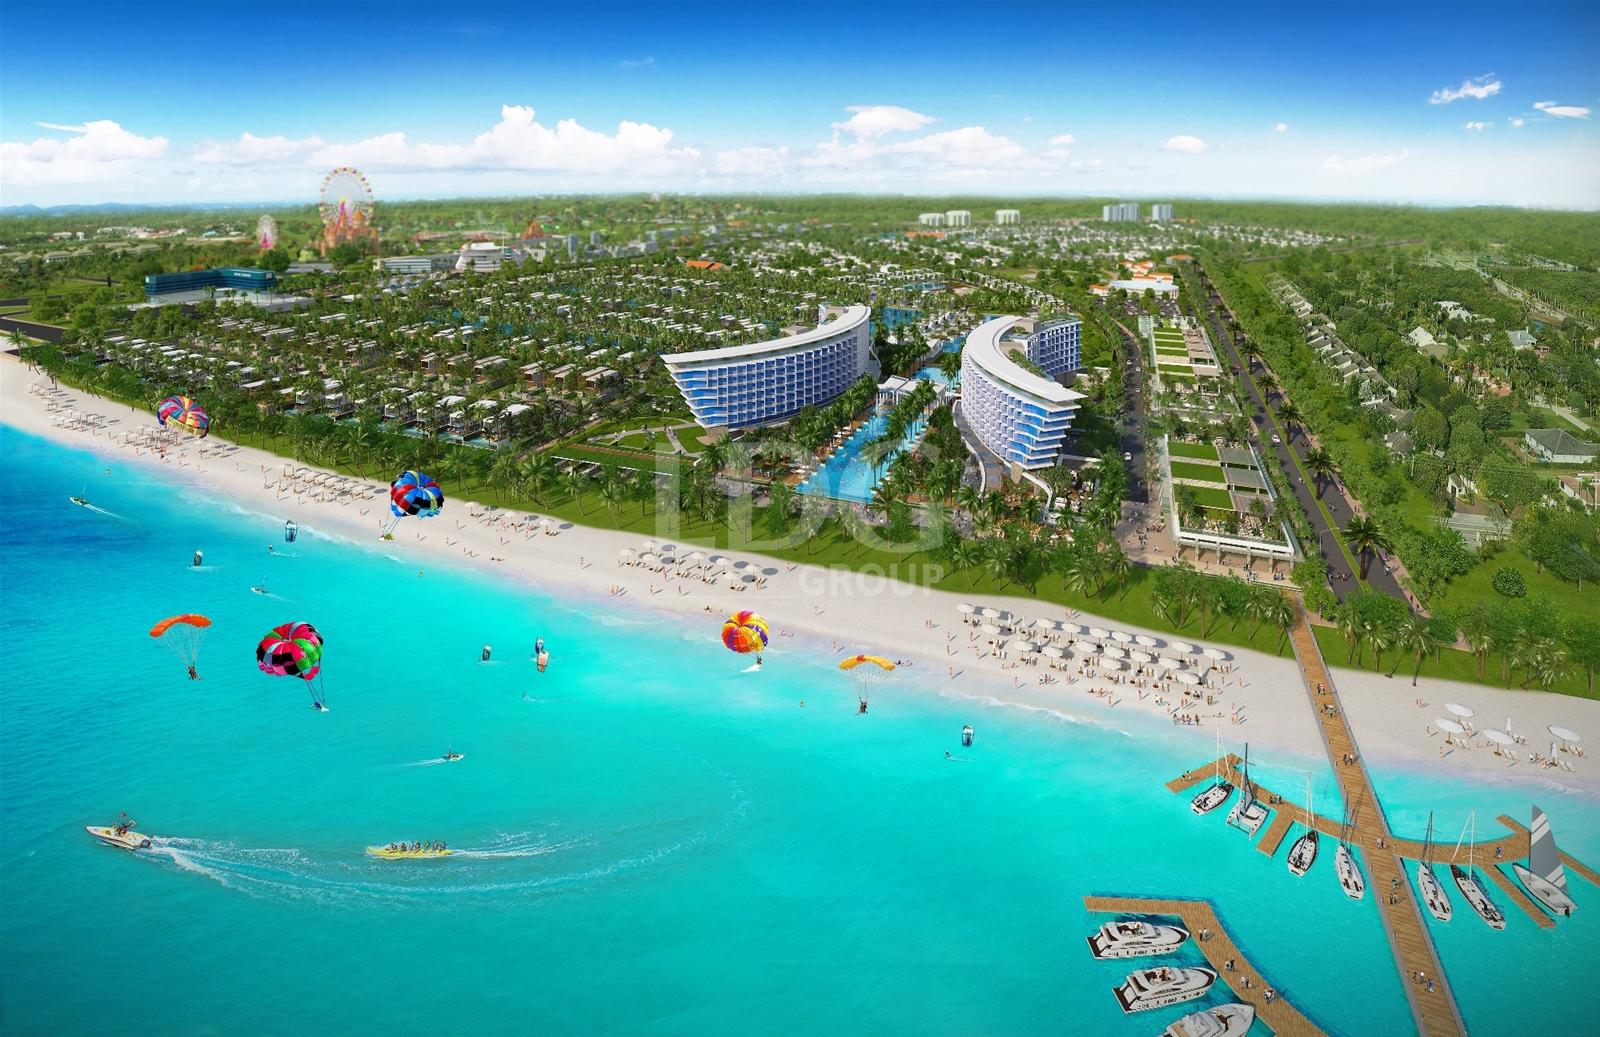 Bất động sản du lịch, nghỉ dưỡng năm 2020: Vấn đề quy hoạch là cốt lõi